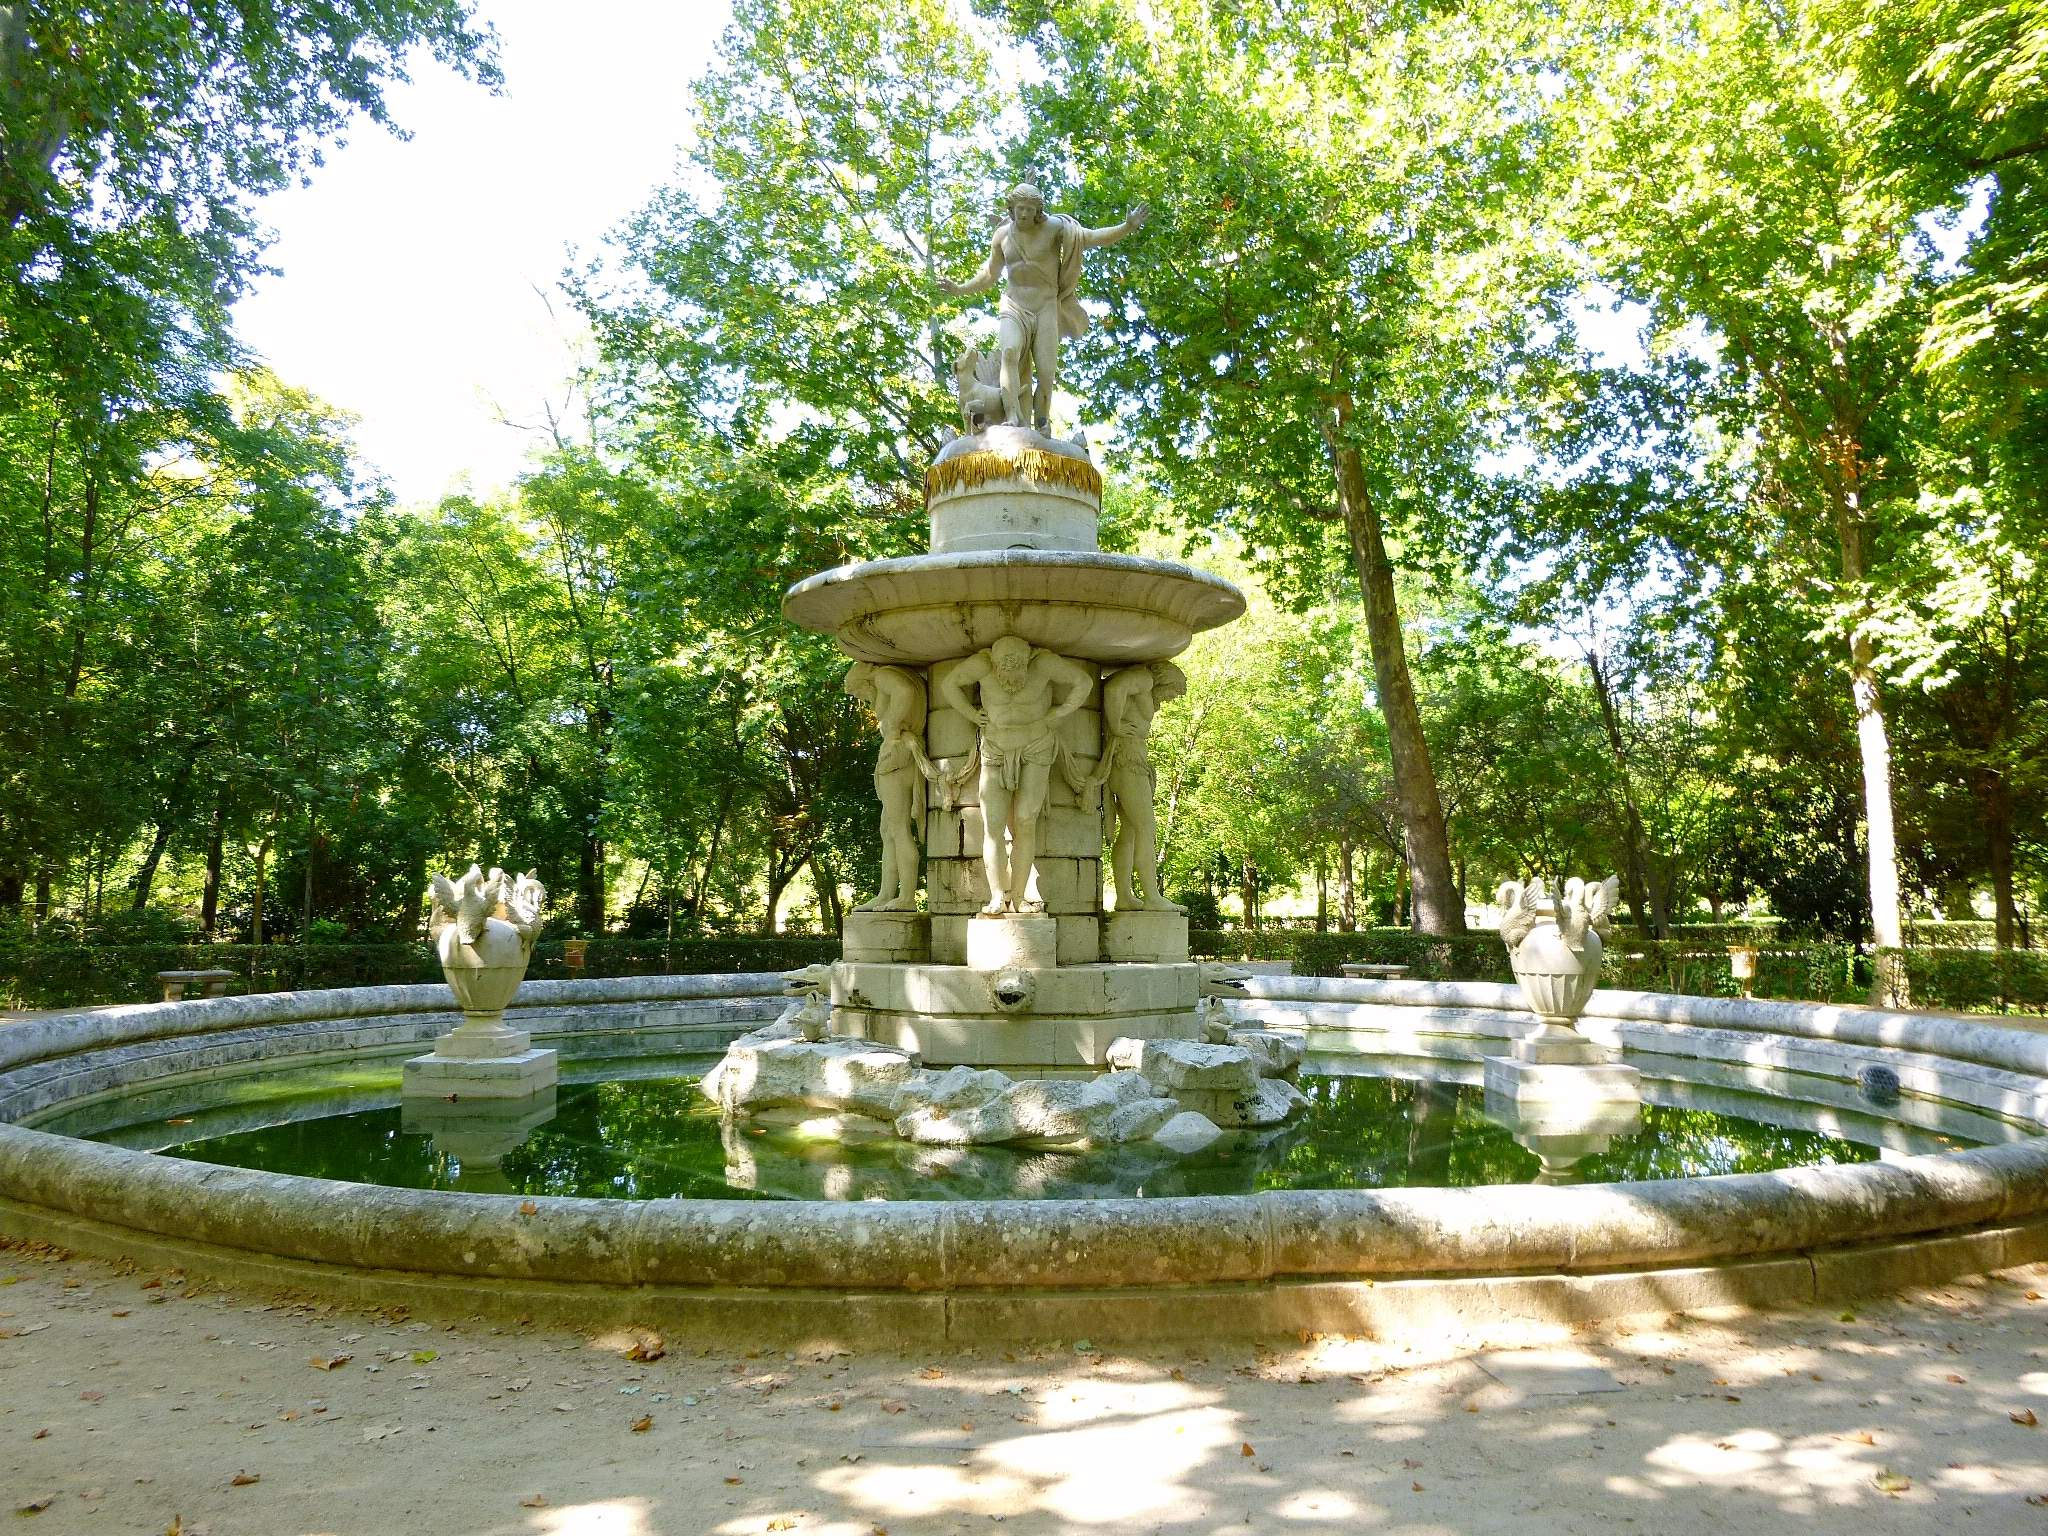 Fuente jardin fuente de jardn de hormign clsica pep - Fuente de pared para jardin ...